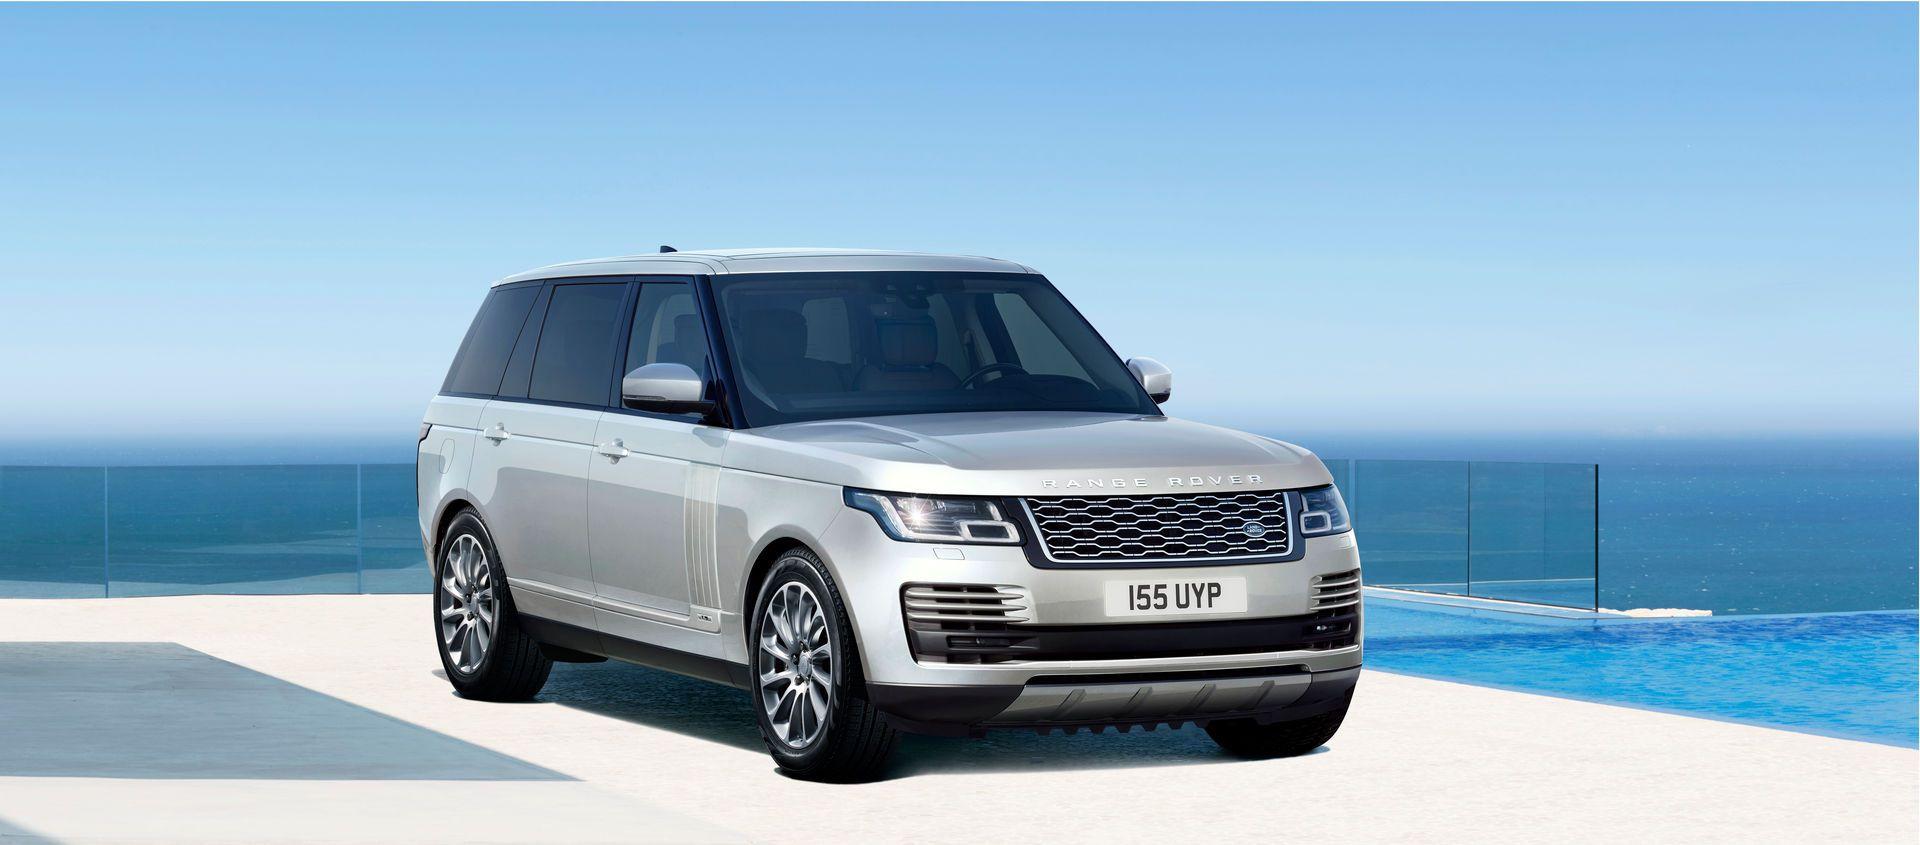 2021-Range-Rover-40